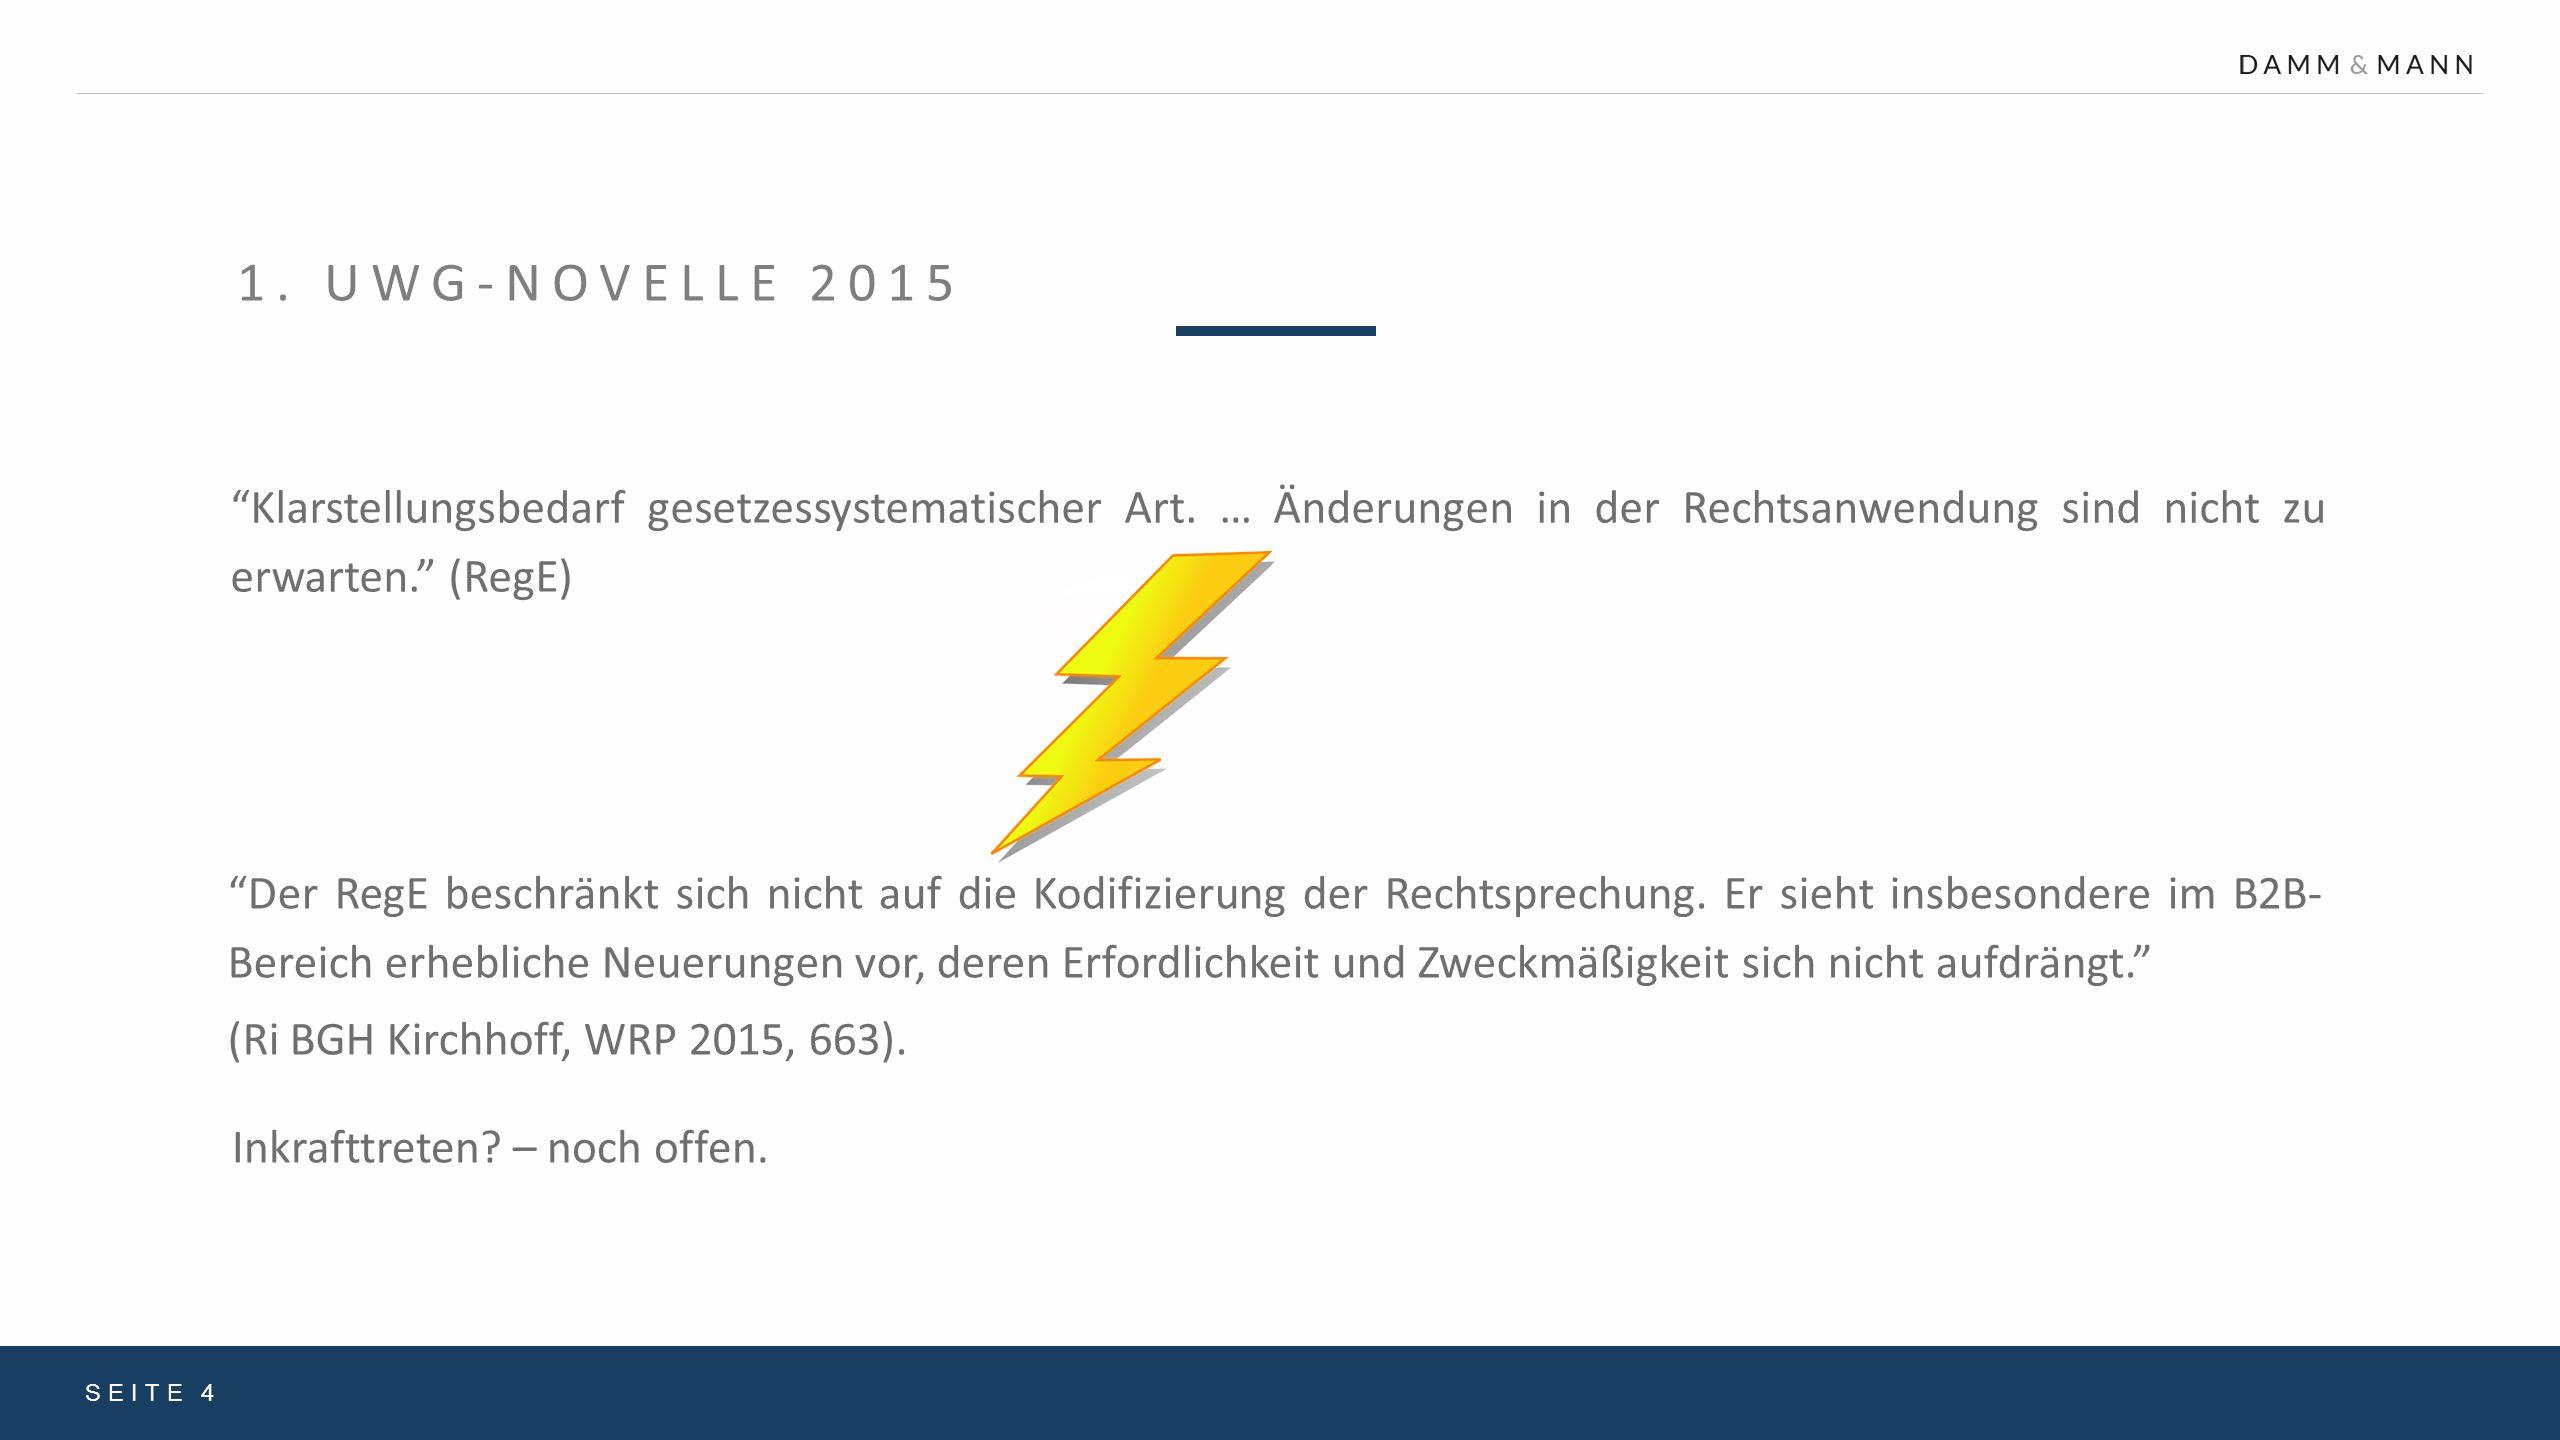 1. UWG-Novelle 2015 Klarstellungsbedarf gesetzessystematischer Art. … Änderungen in der Rechtsanwendung sind nicht zu erwarten. (RegE)